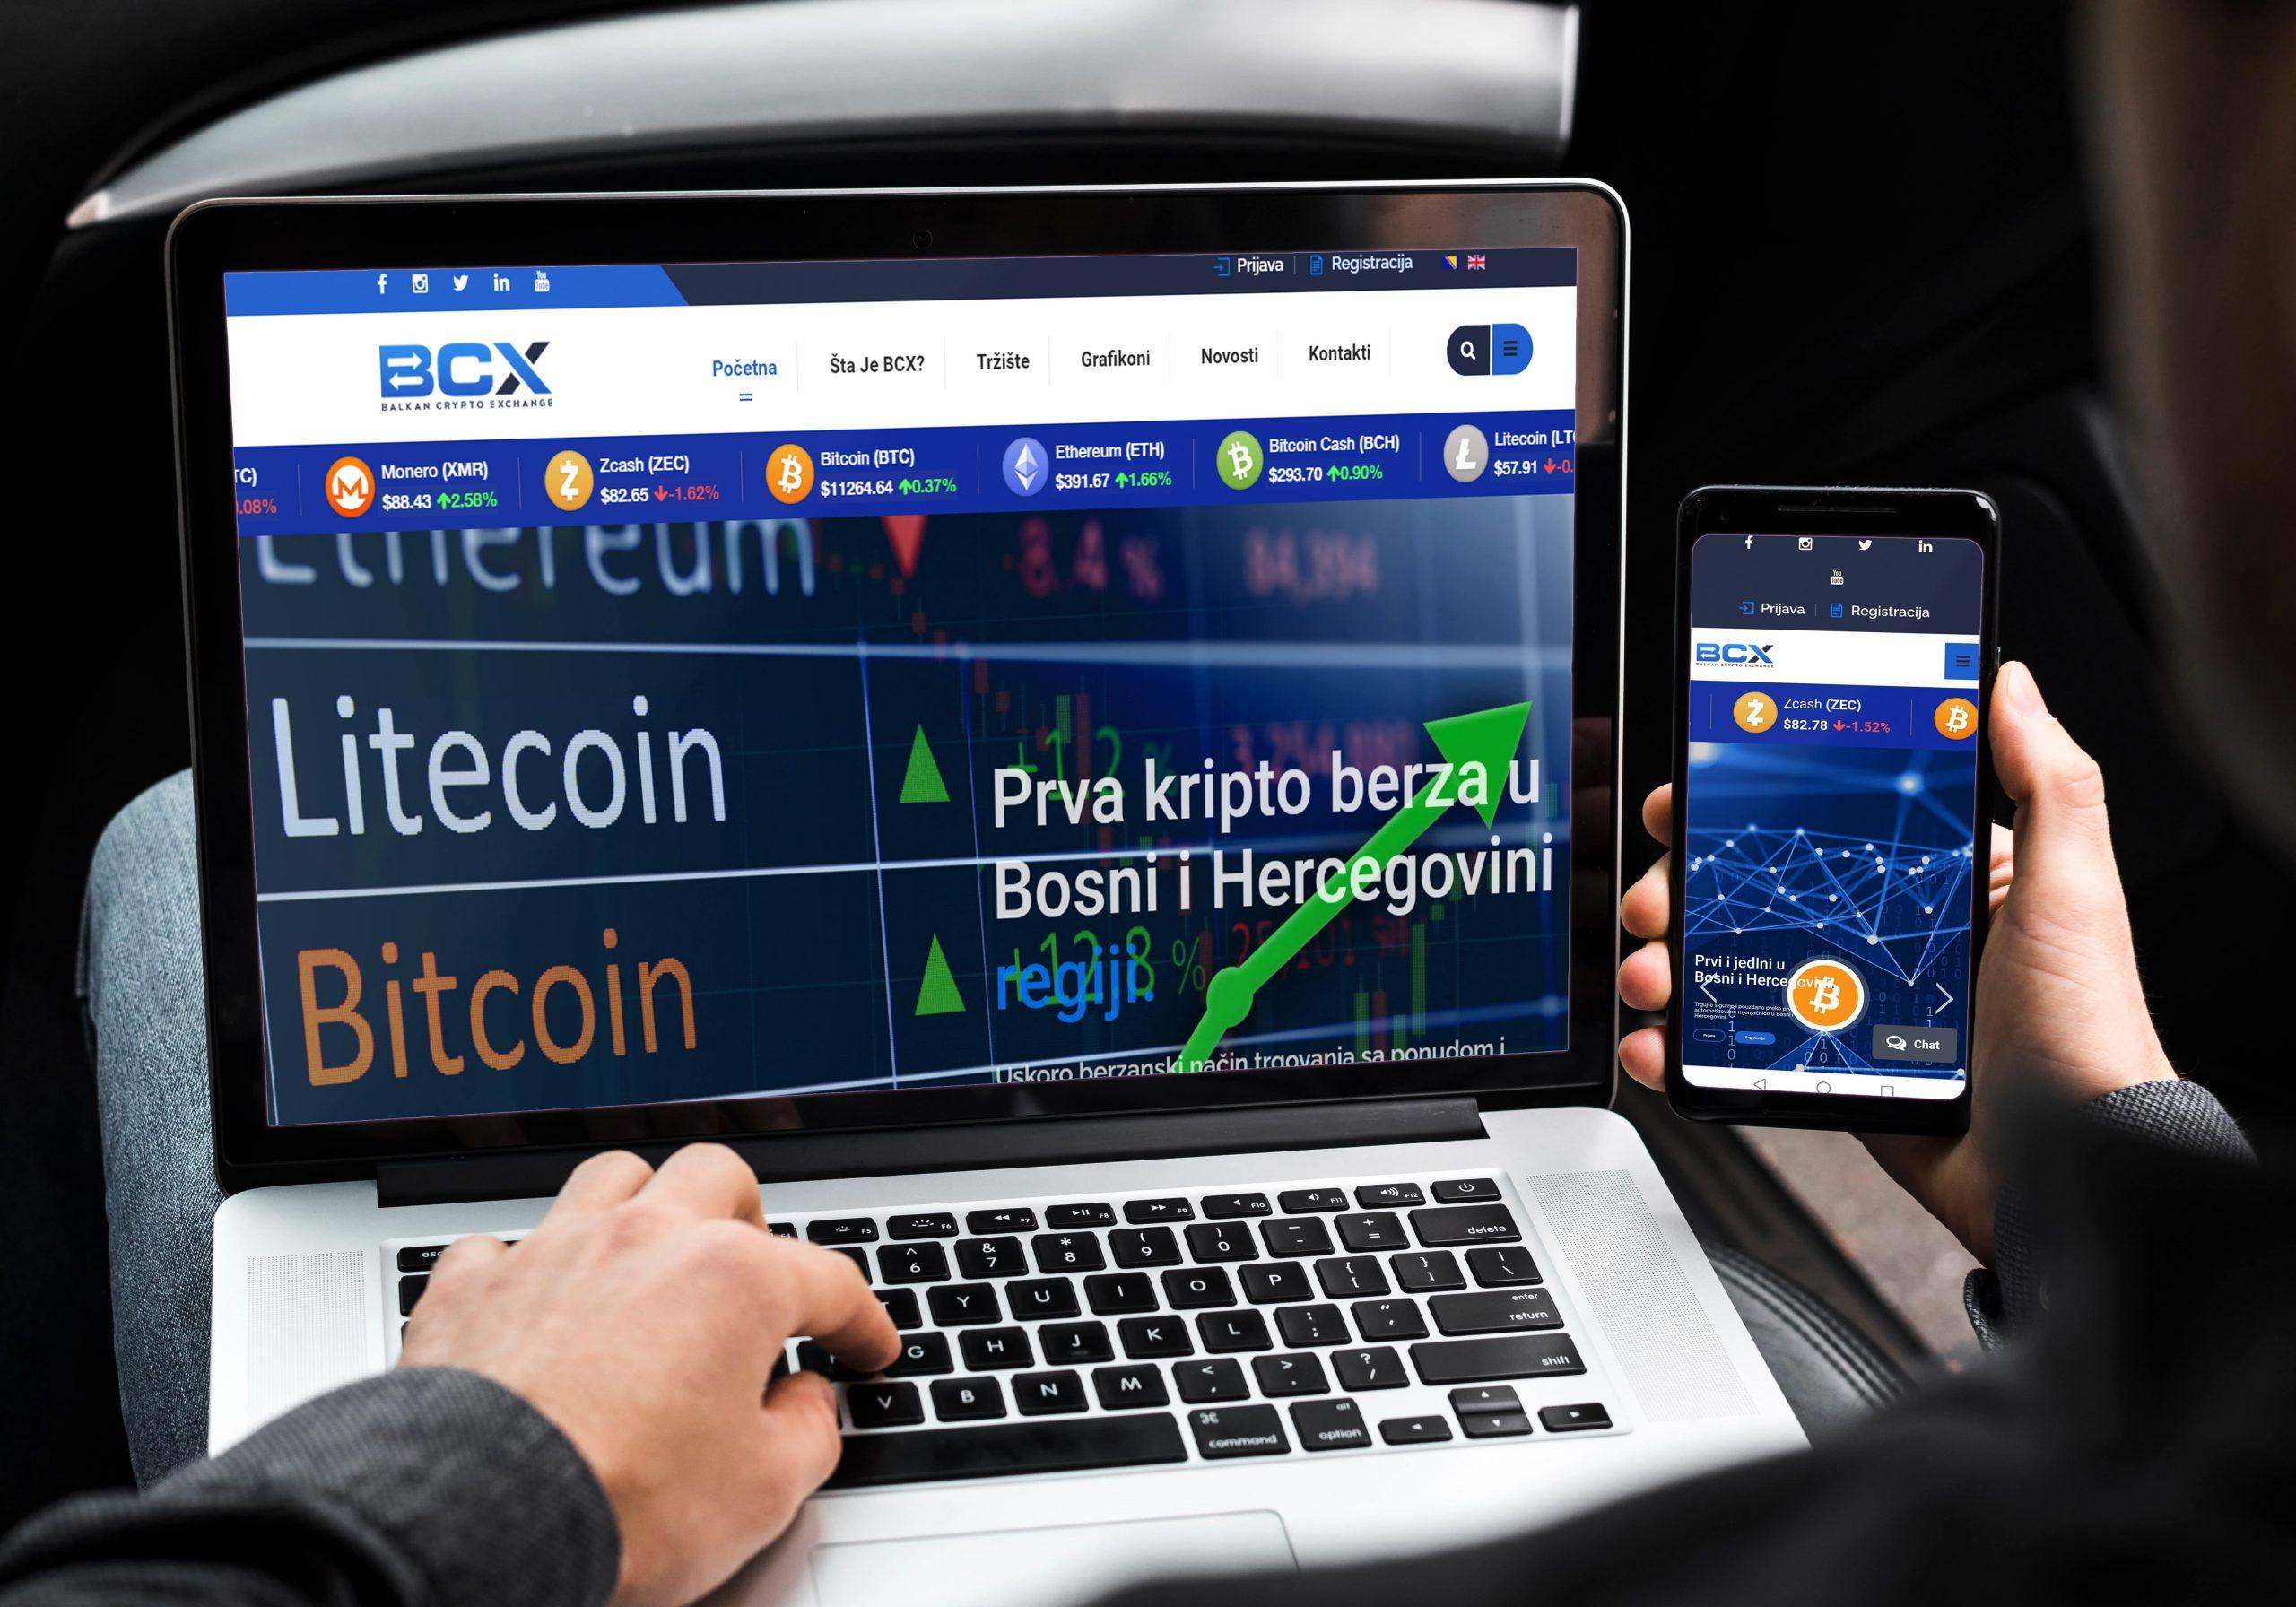 najbolje računalo za trgovanje bitcoinima koliko novca možete zaraditi na rudarstvu bitcoina gtx 1080 ti